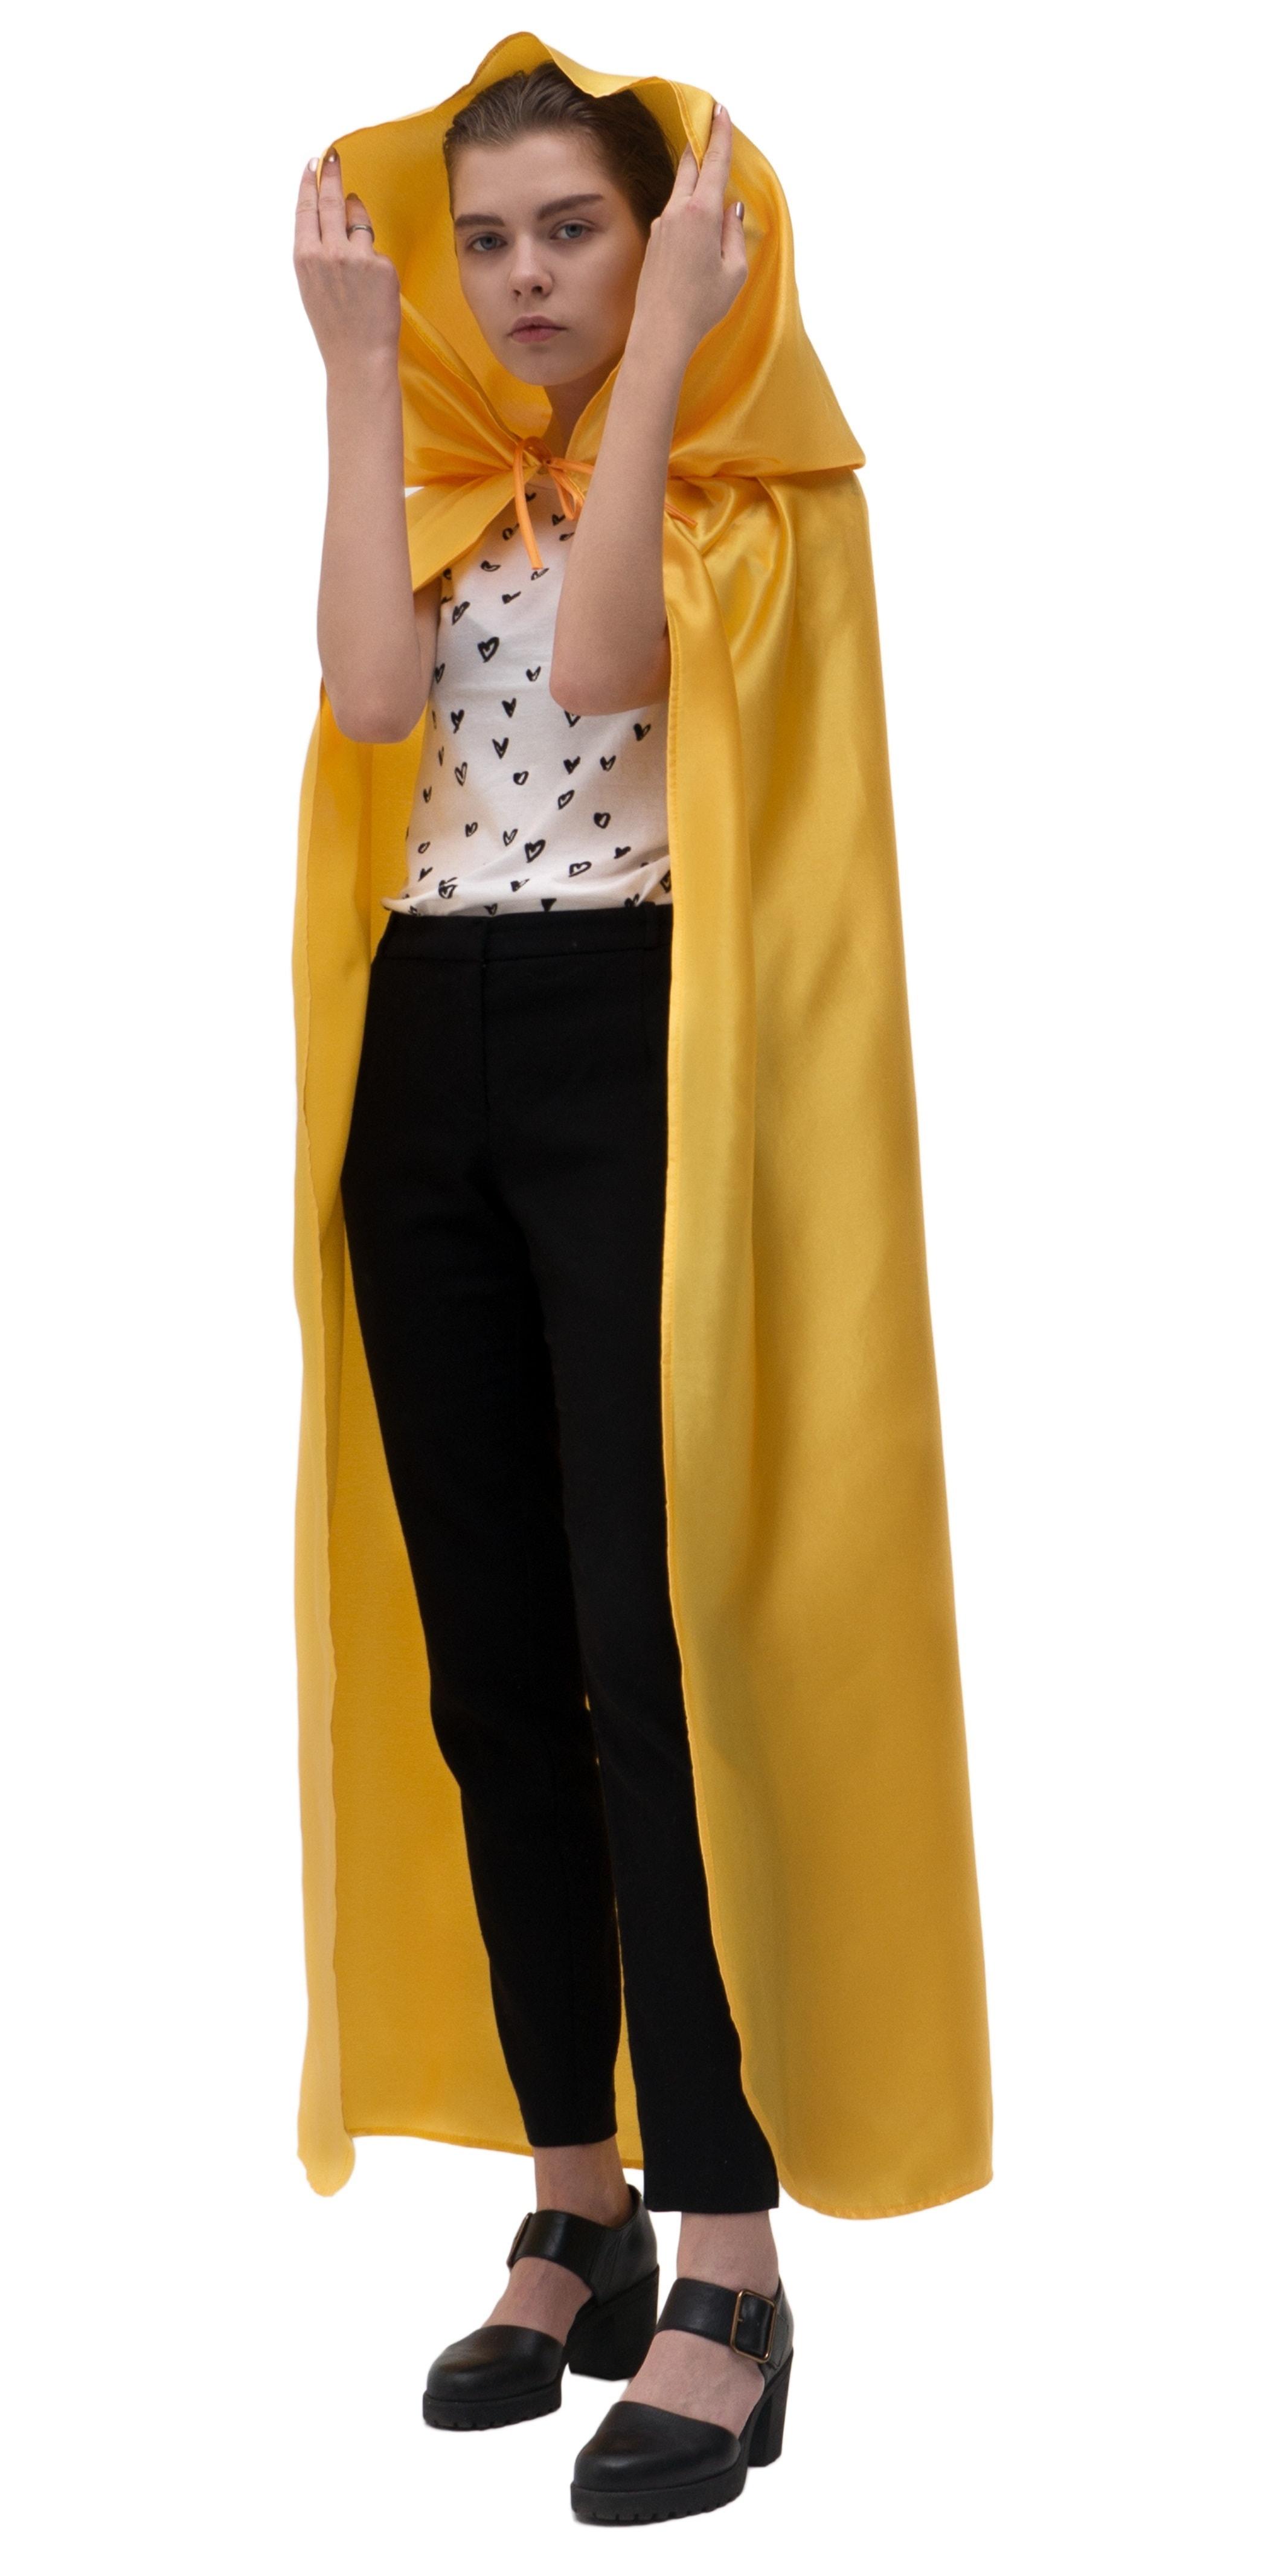 Купить Желтый атласный плащ с капюшоном Птица Феникс p1009,